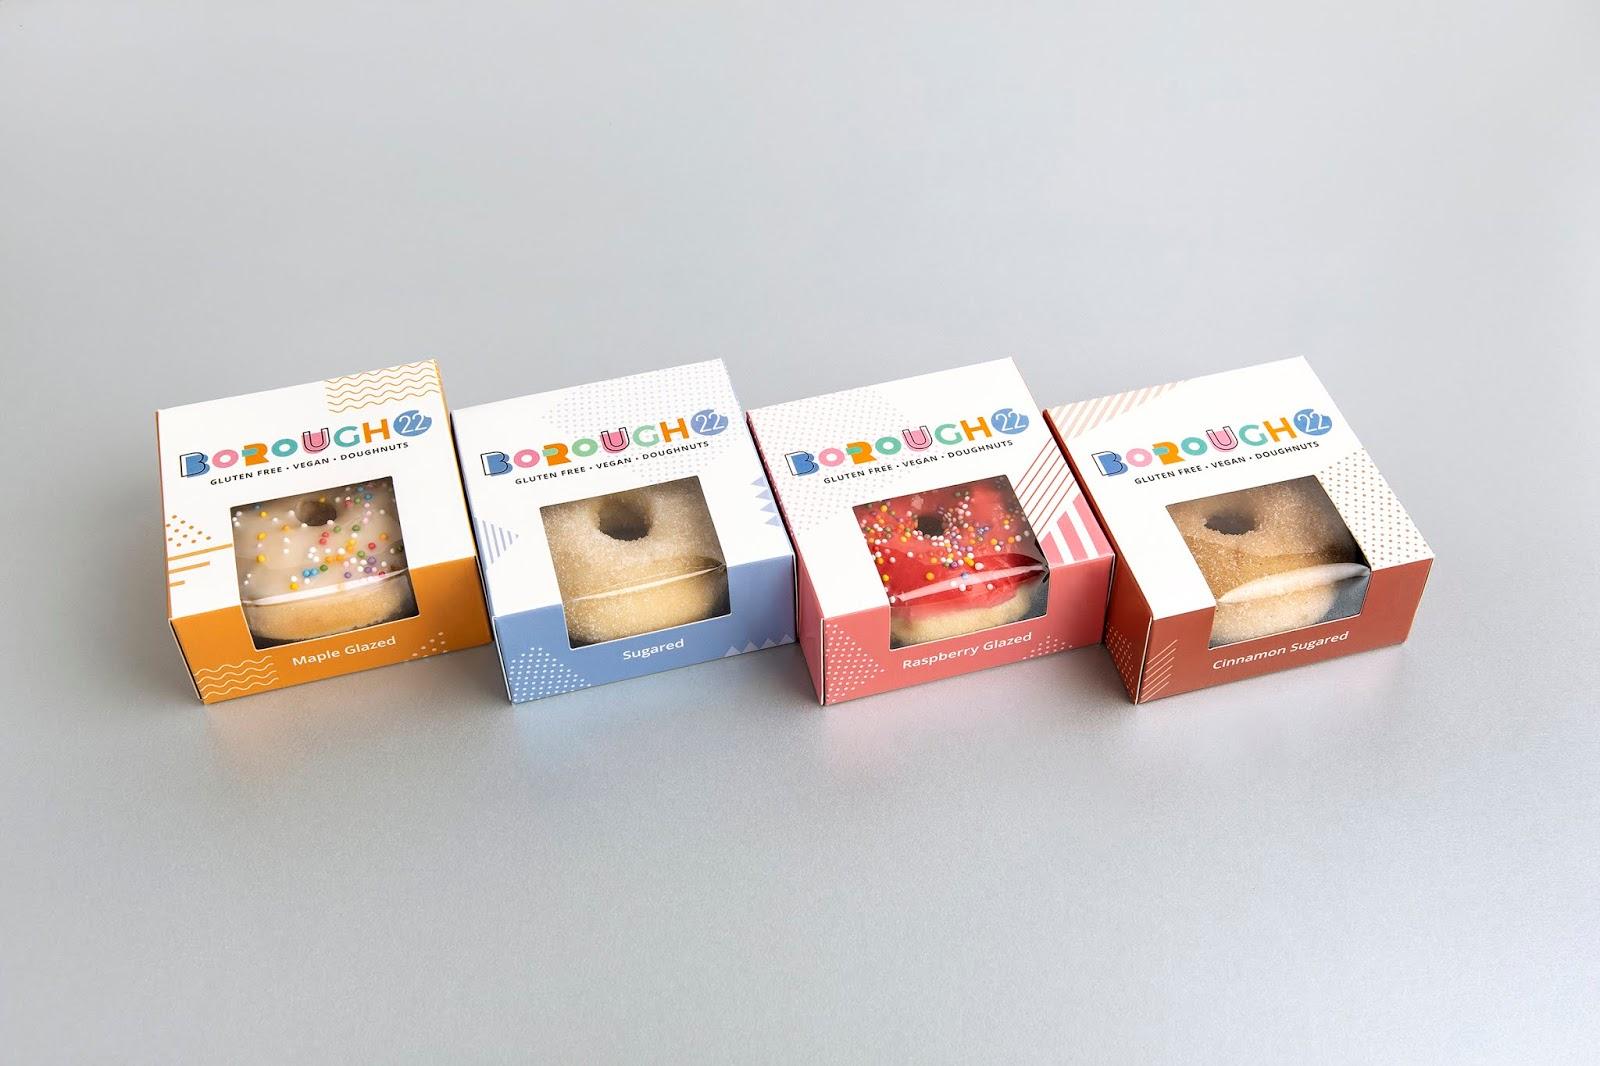 die-cut Donut boxes